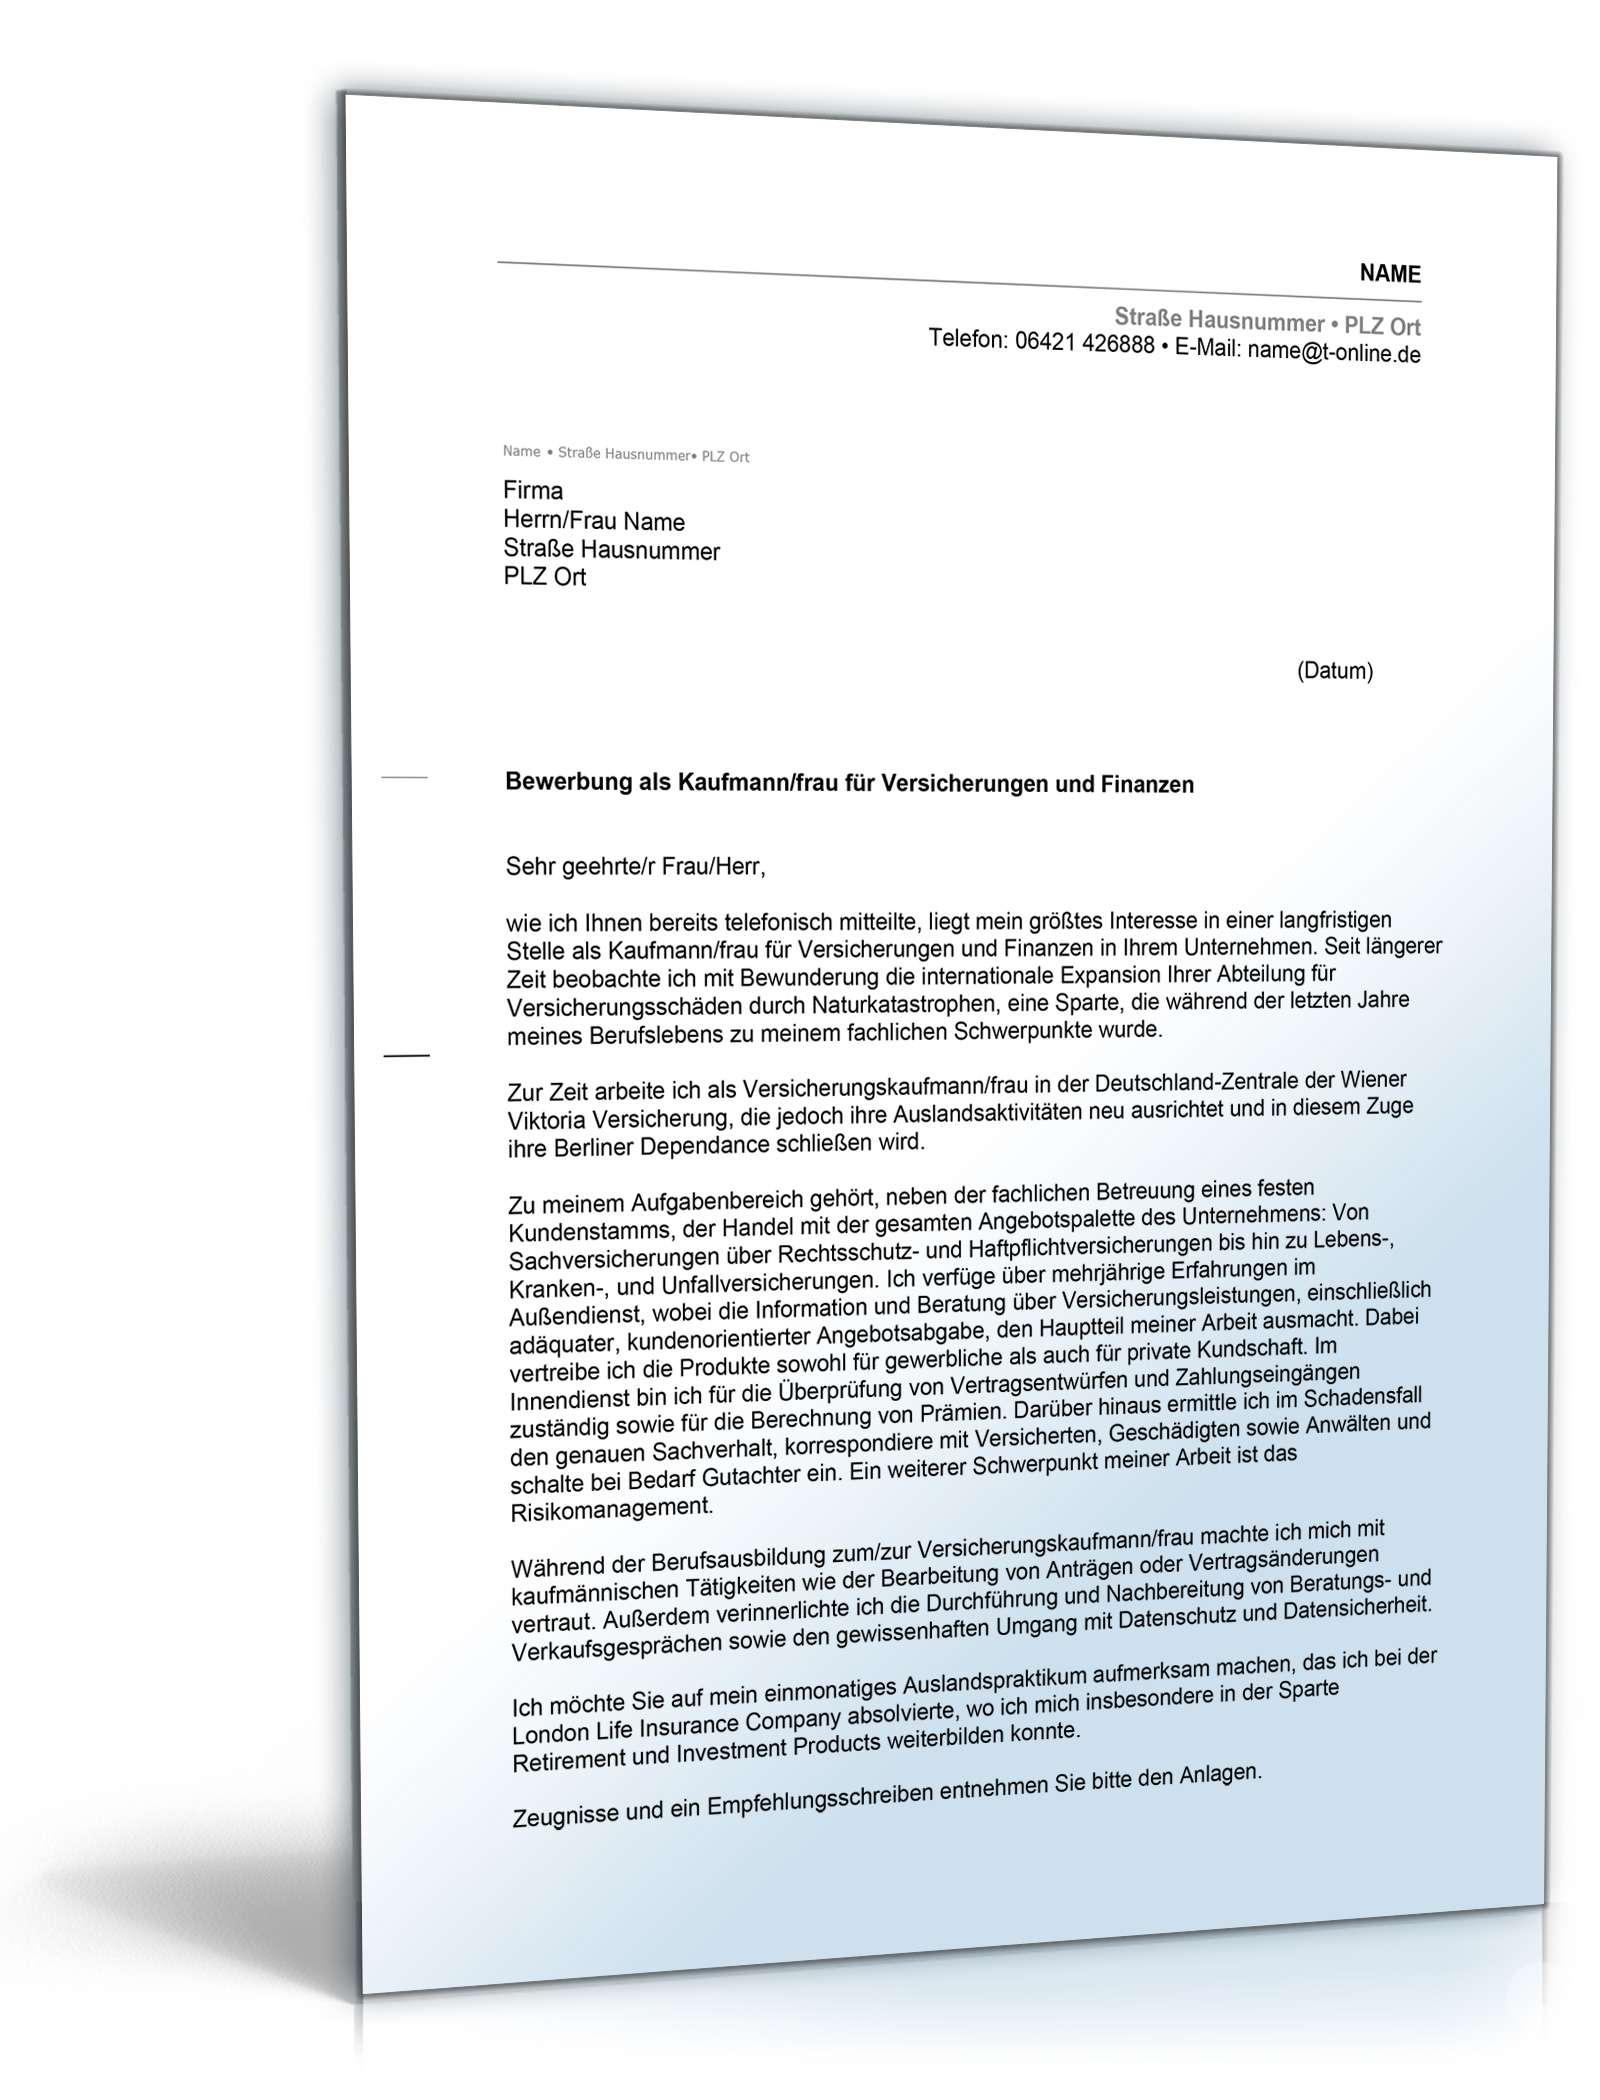 Anschreiben Bewerbung Versicherungskaufmann | Muster zum Download